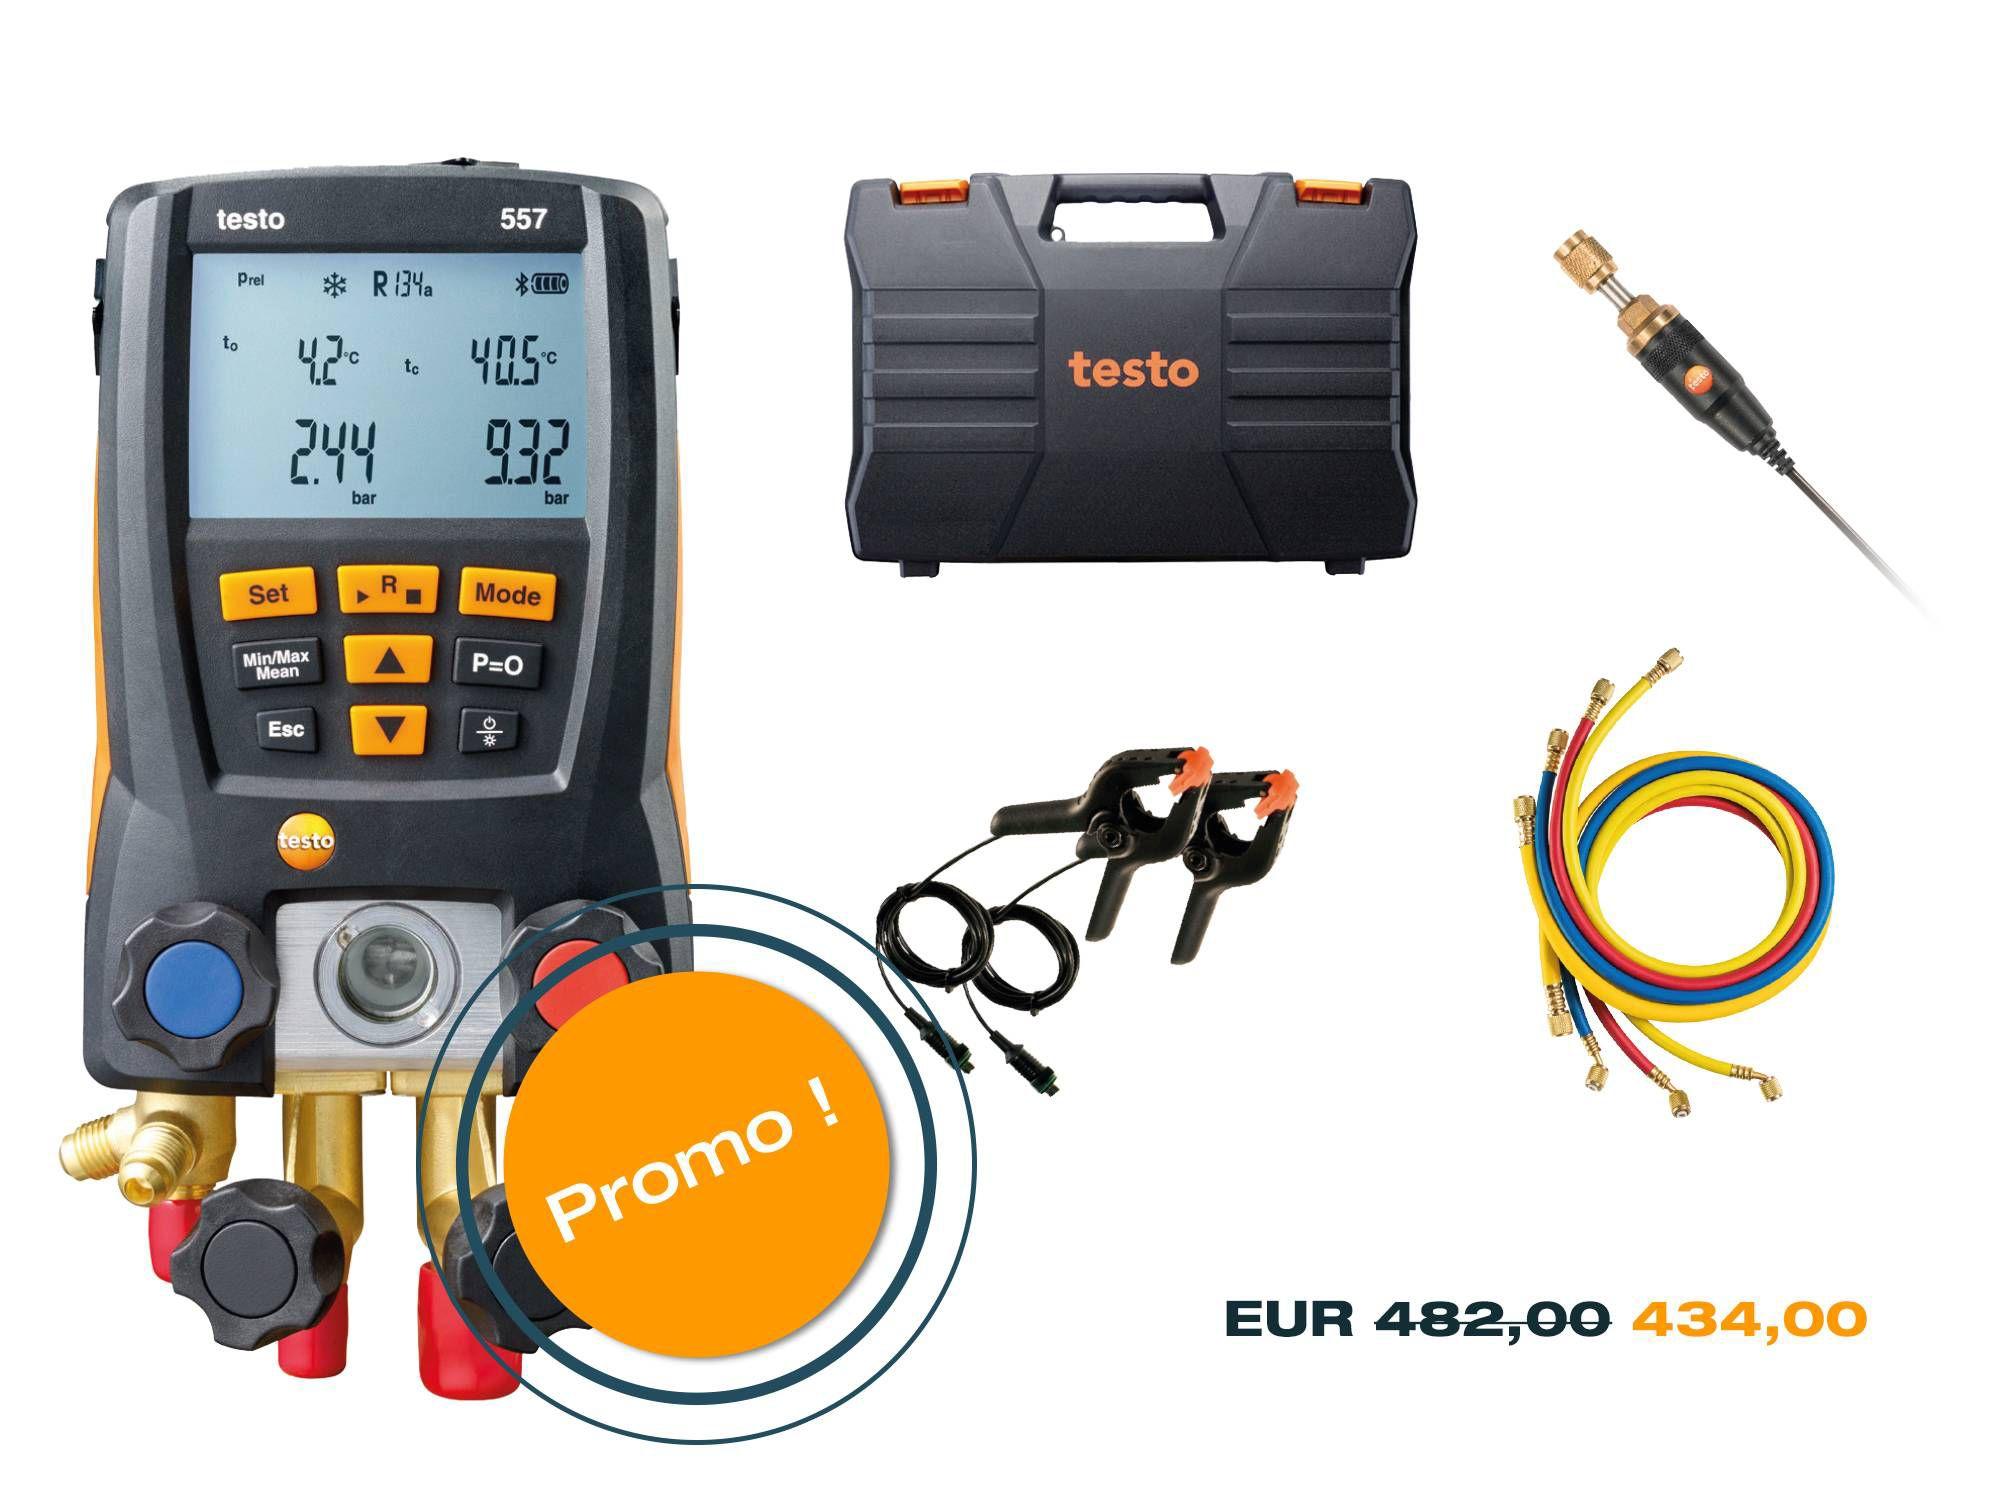 testo557 kit d'aide au montage digitale